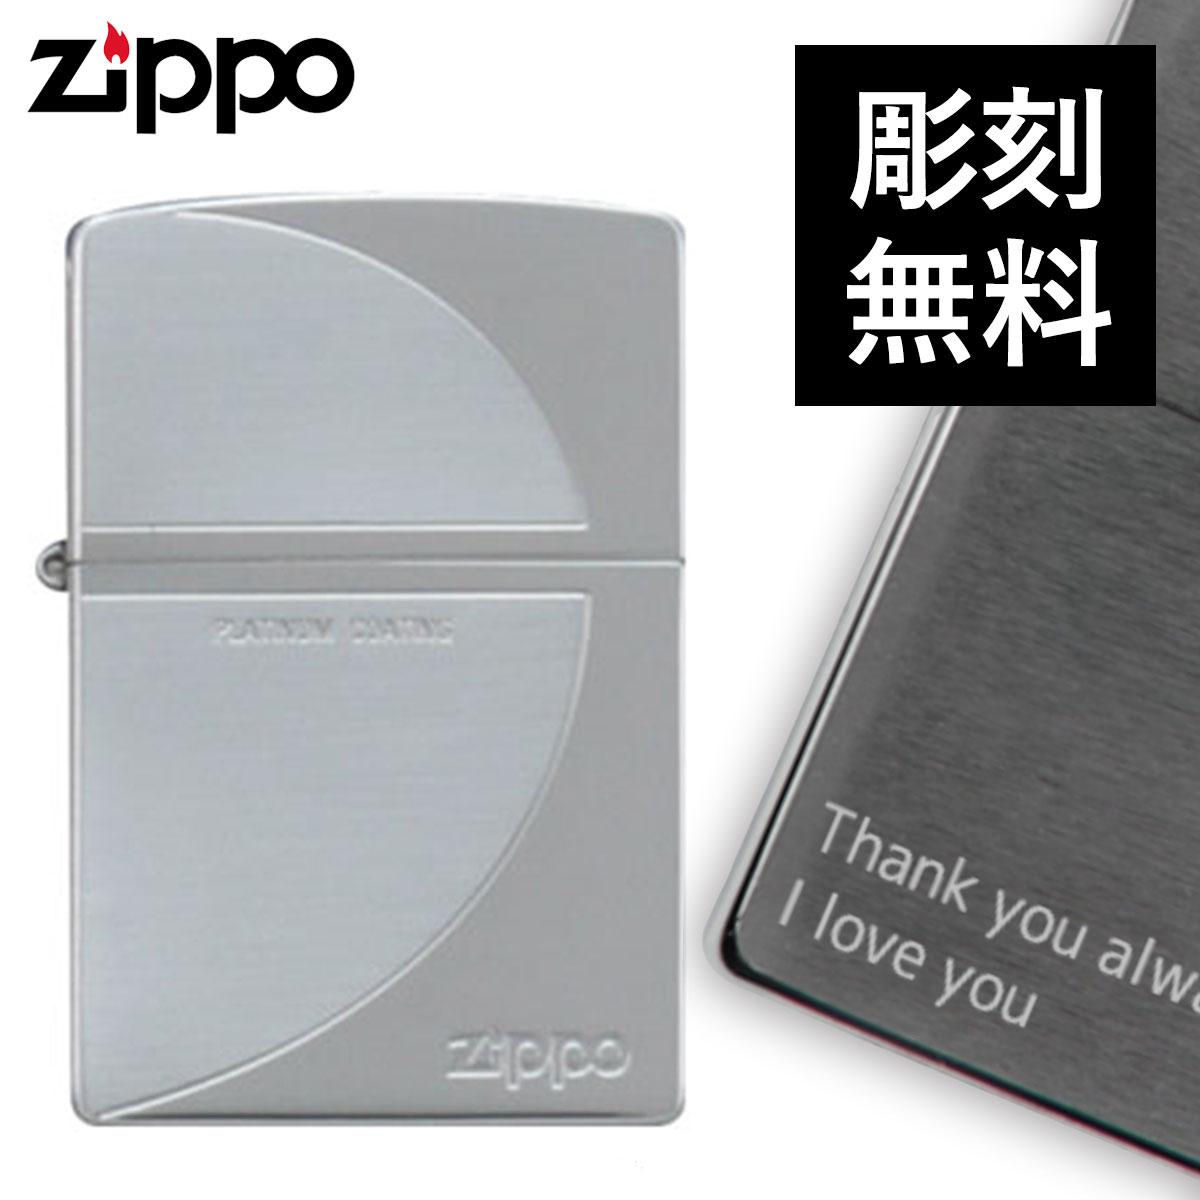 zippo 名入れ ジッポー ライター PZ7 名入れ ギフト オイルライター ジッポライター ギフト プレゼント 彼氏 男性 メンズ